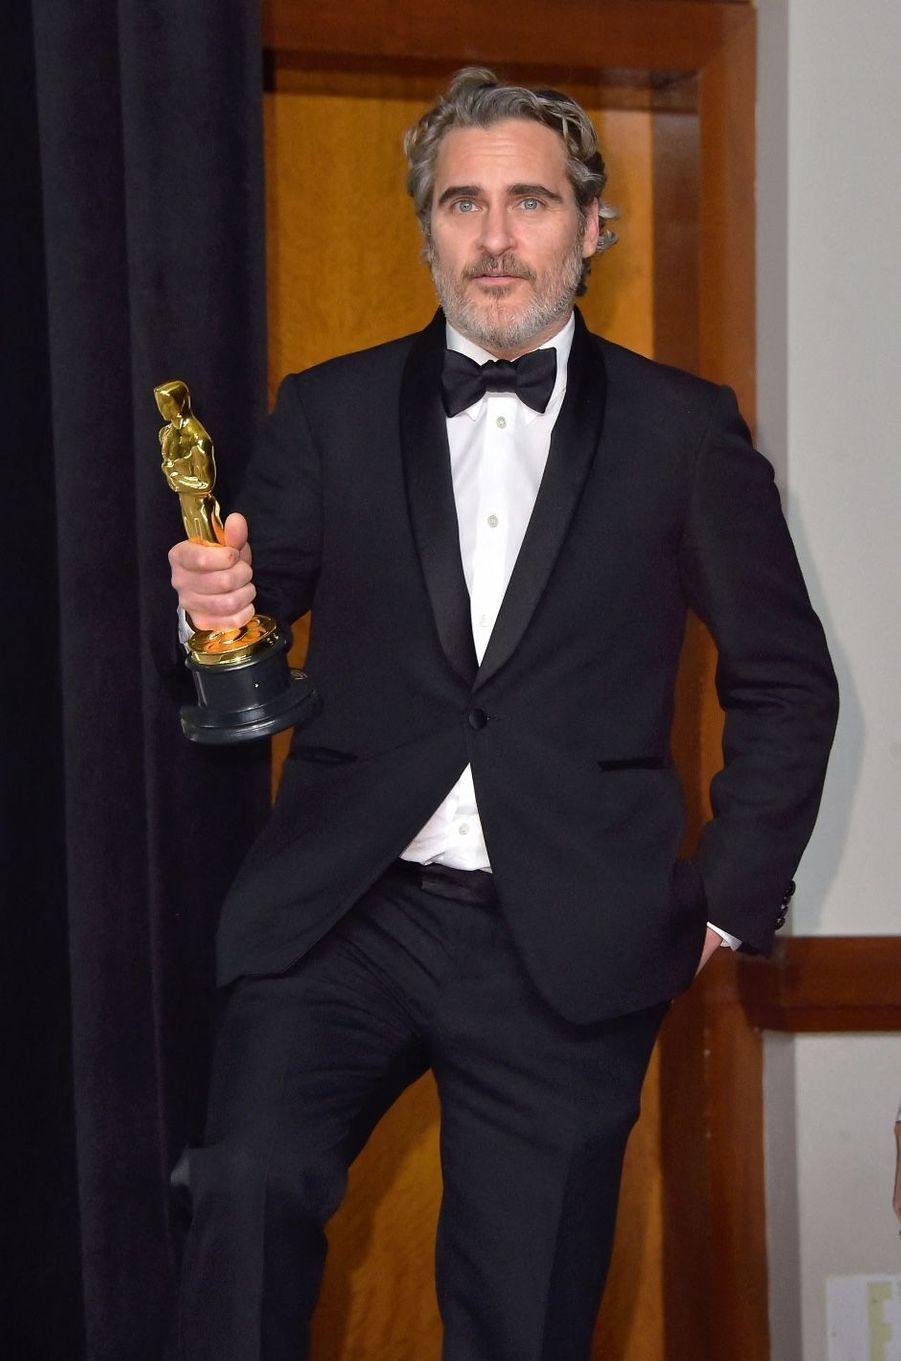 Joaquin Phoenix ne cache pas son côté activiste et s'engage notamment pour la cause animale. Lors de son discours aux Oscars en 2020, il appelait à une prise de conscience et un plus grand respect des animaux. Lui aussi a usé de ses talents de producteur pour réaliser un documentaire dénonçant les conditions dans lesquelles sont traités les animaux, particulièrement dans les abattoirs.